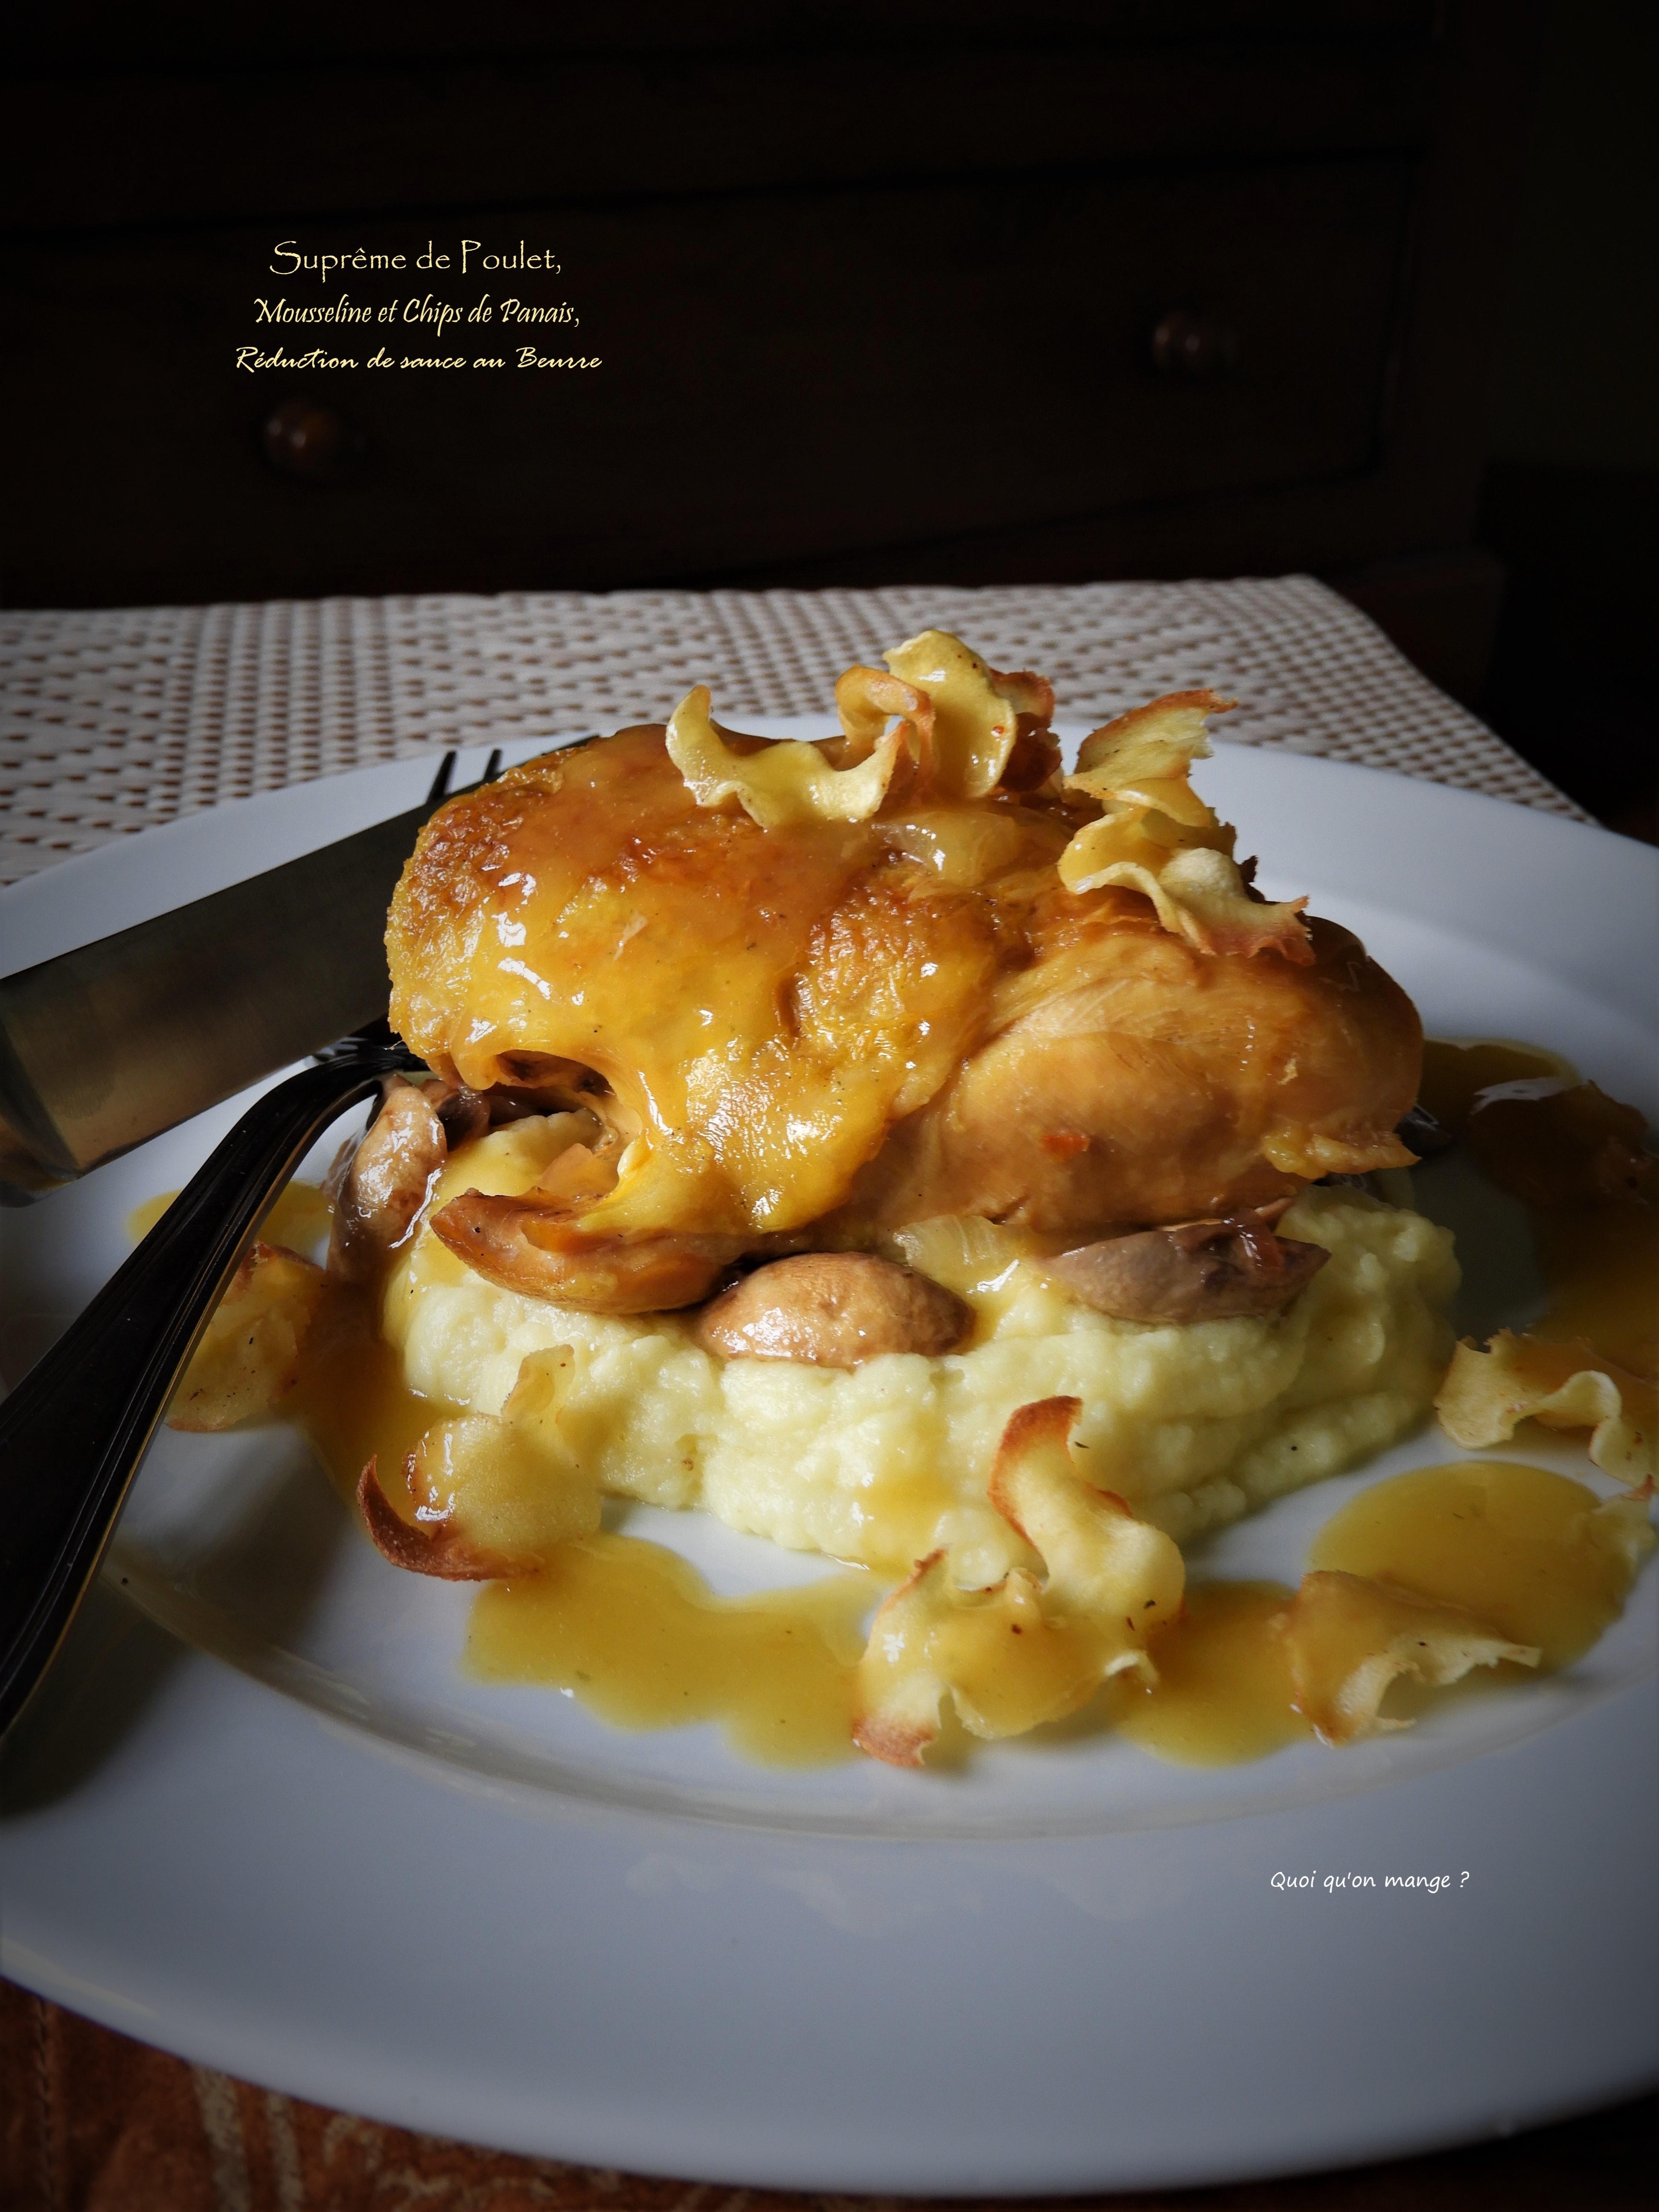 supreme-poulet-mousseline-et-chips-de-panais (1)